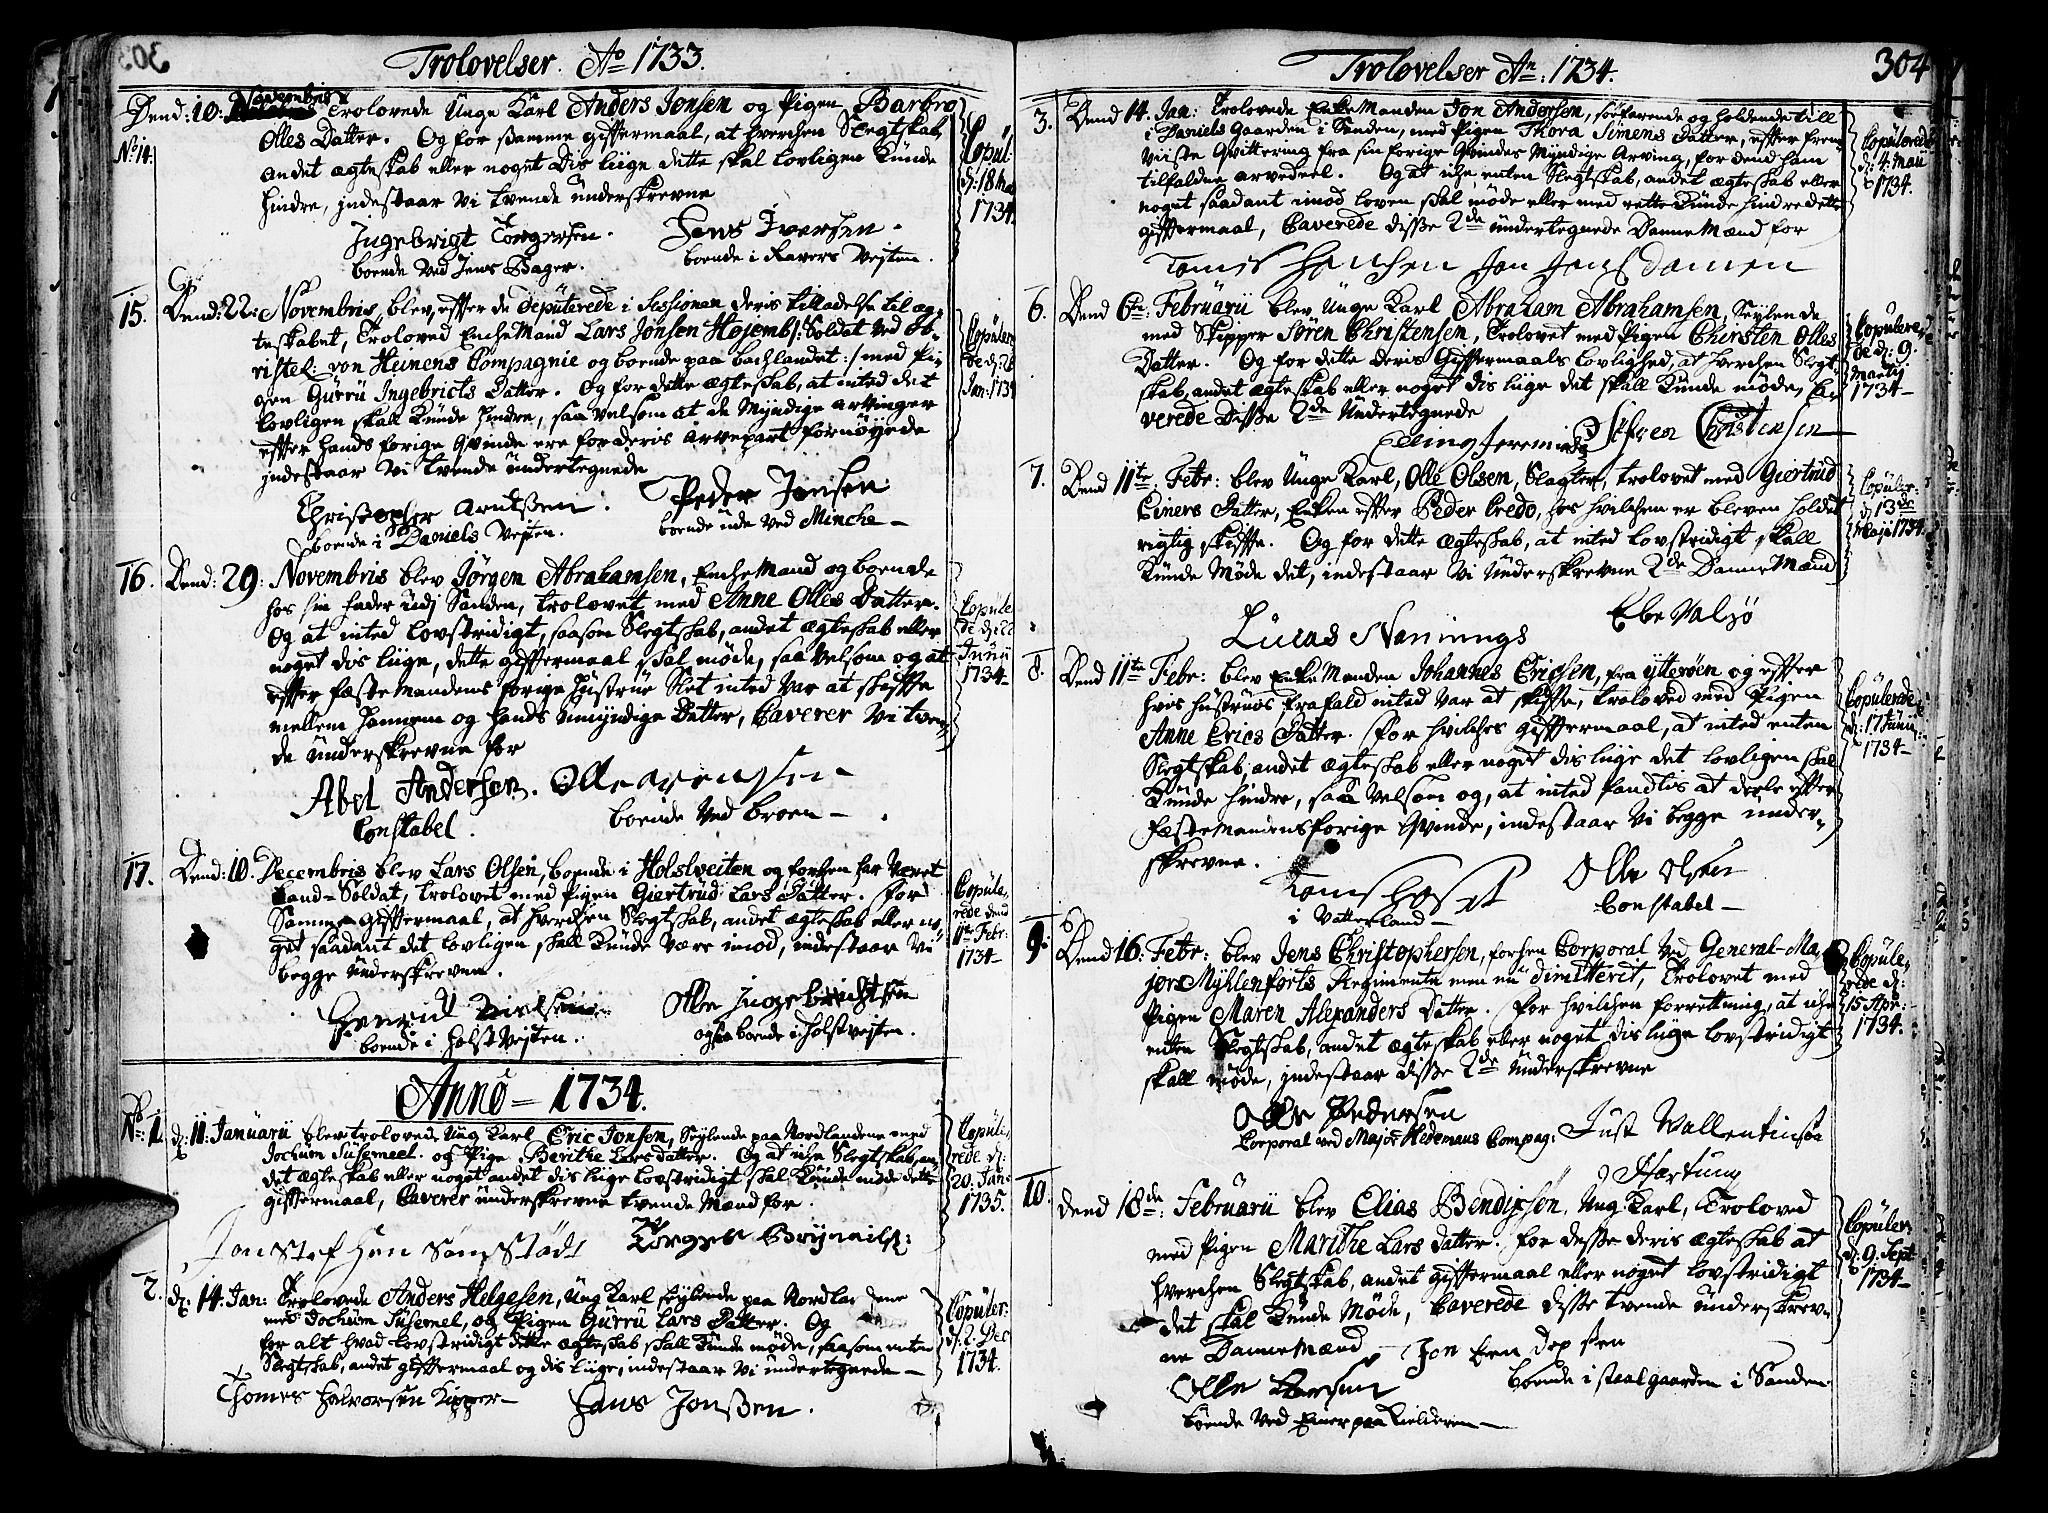 SAT, Ministerialprotokoller, klokkerbøker og fødselsregistre - Sør-Trøndelag, 602/L0103: Ministerialbok nr. 602A01, 1732-1774, s. 304